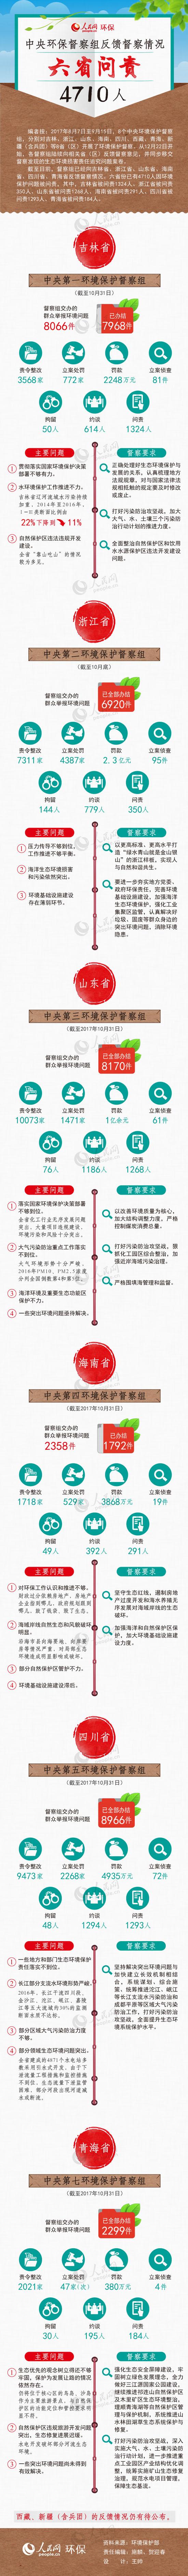 图解:中央环保督察组反馈督察情况 六省问责4710人